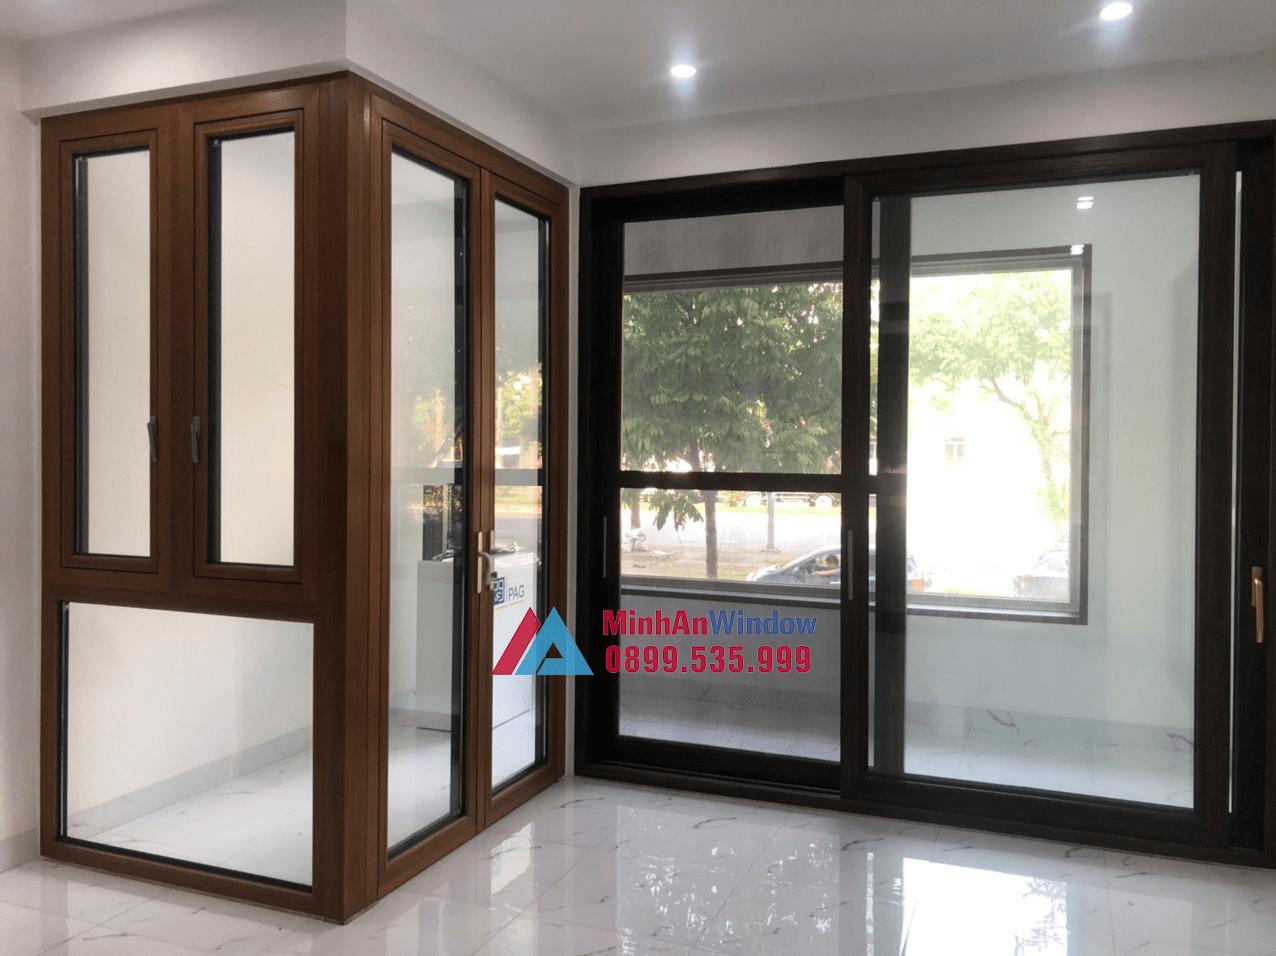 Minh An Window lắp đặt mẫu cửa đi nhôm kính tại thị xã Sơn Tây